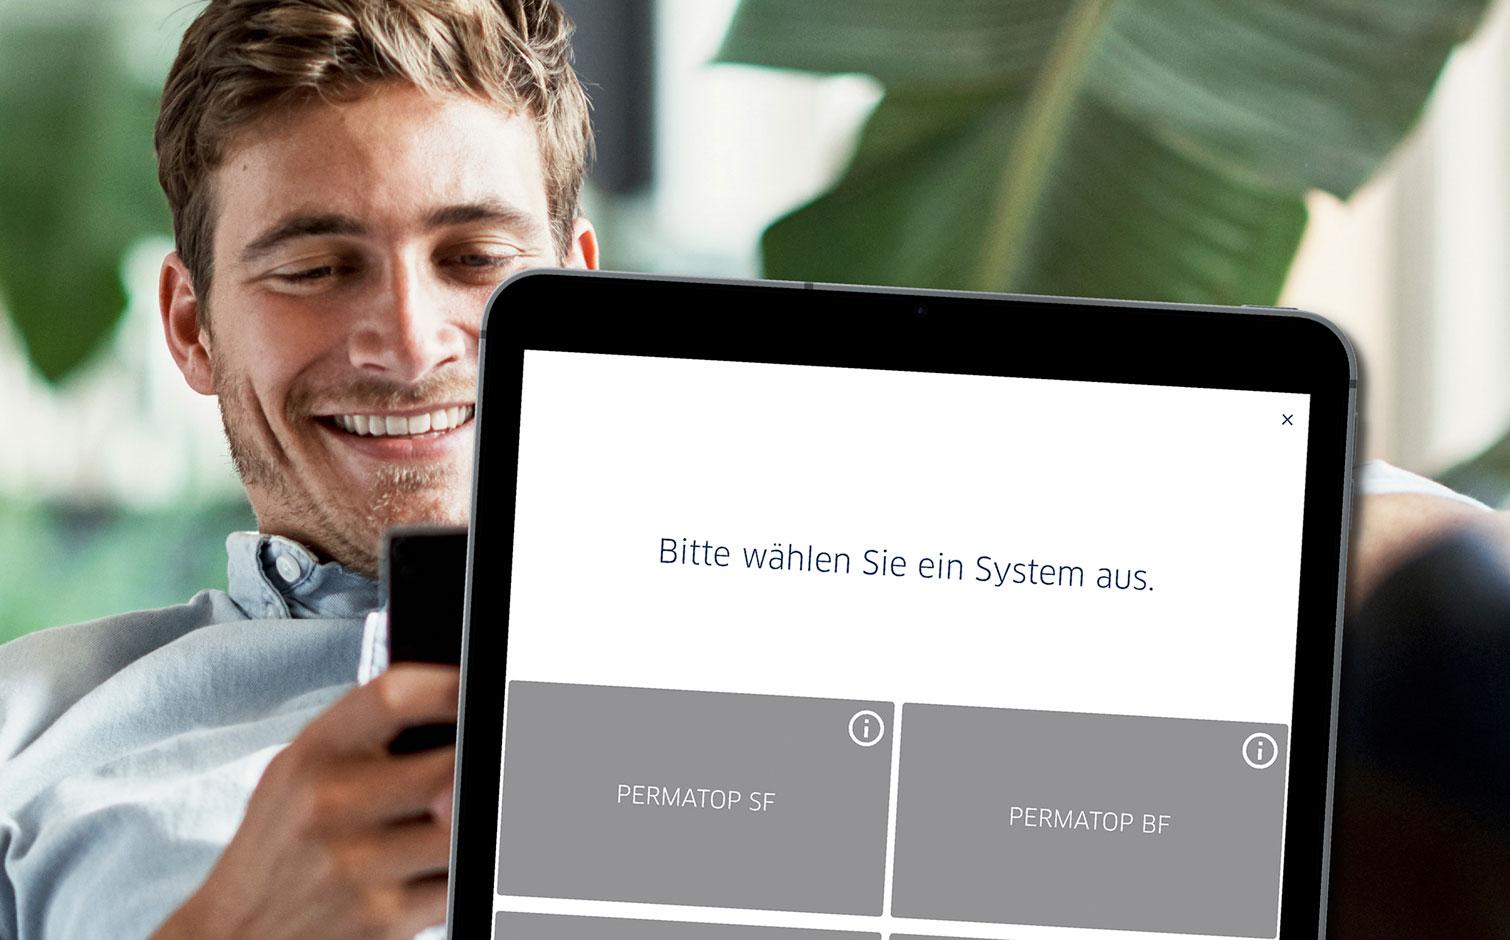 Die neue App funktioniert sowohl auf dem Tablet als auch auf dem Smartphone. Foto: Blanke